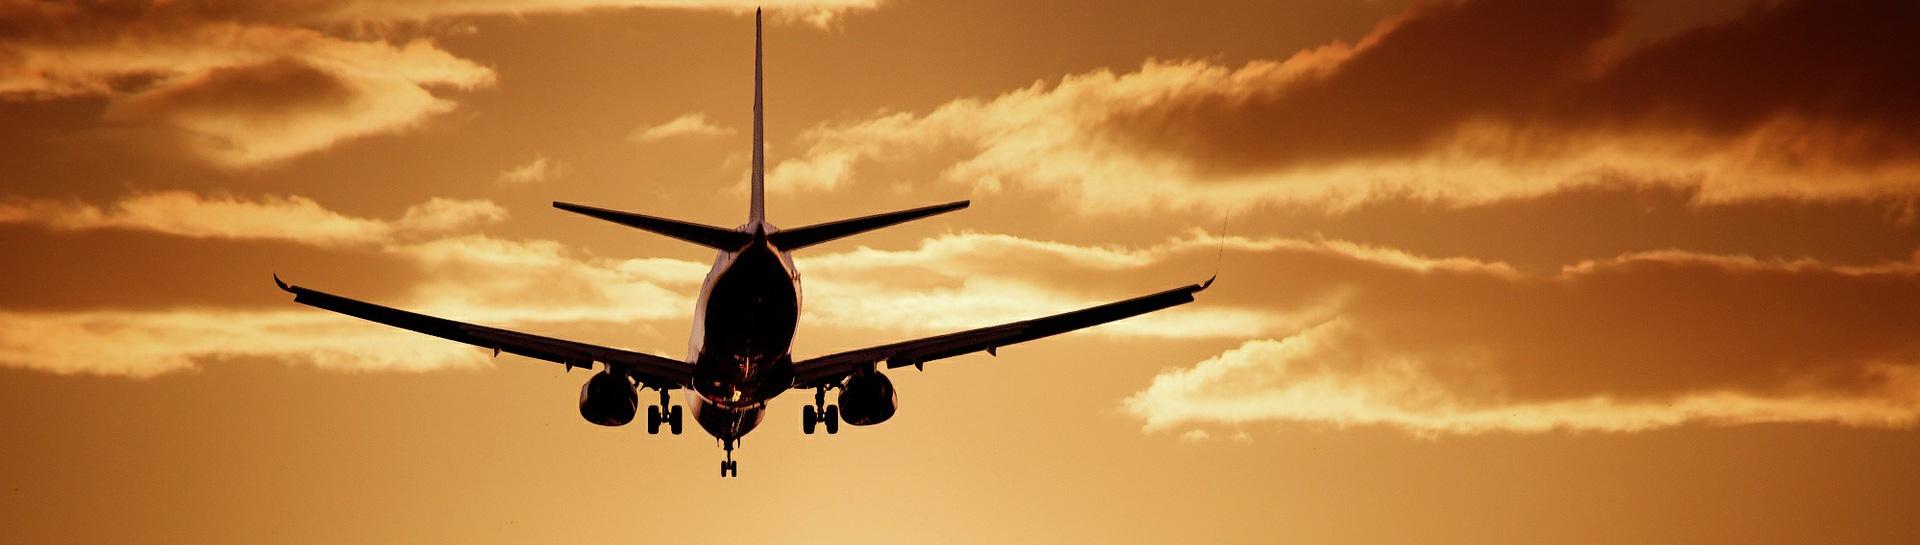 Buchen Sie Charterflüge in die beliebtesten Urlaubsziele